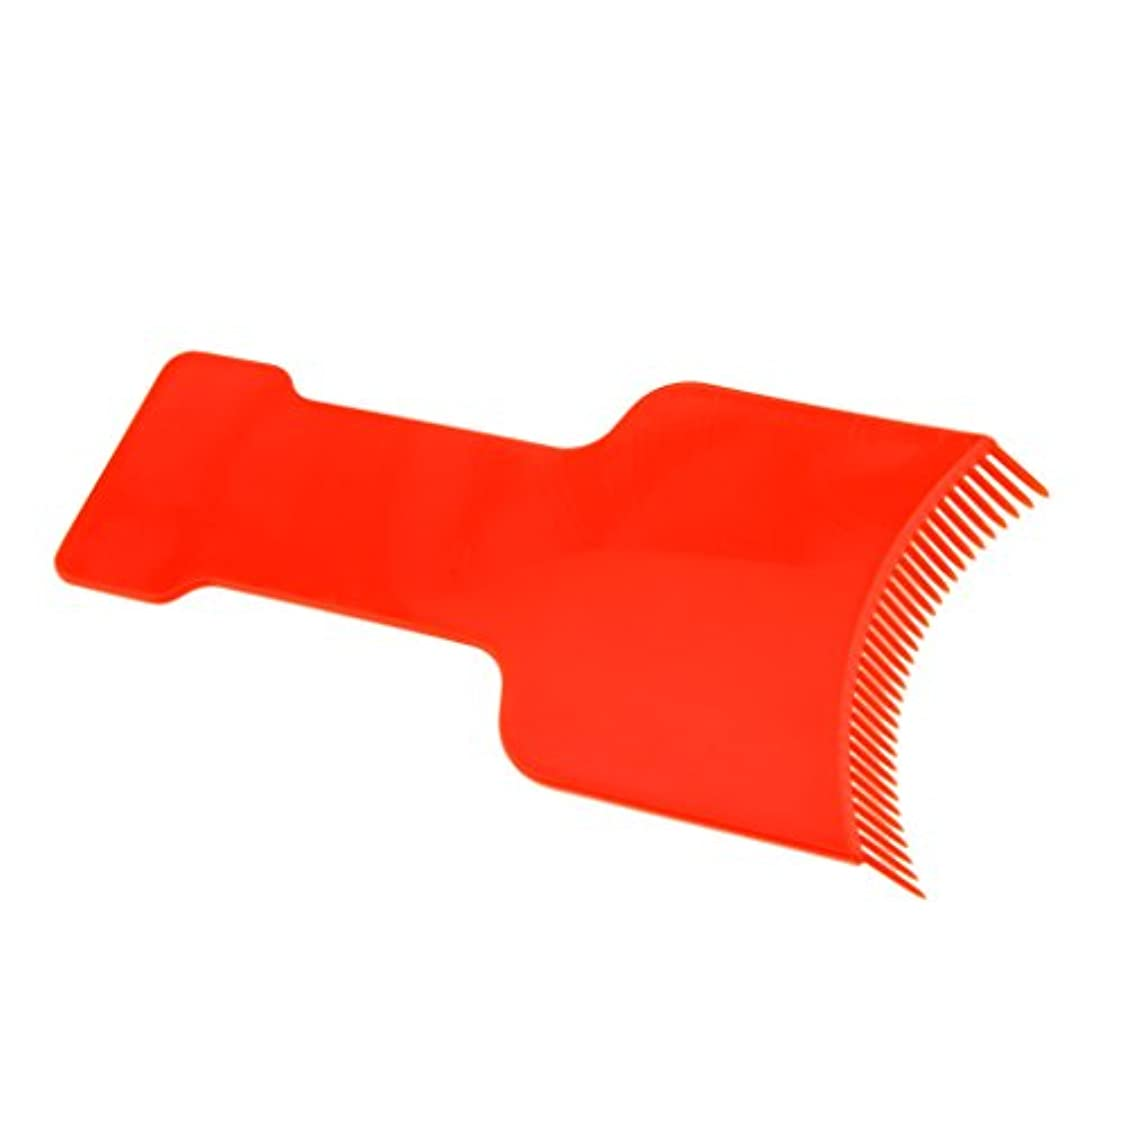 チューブ教義圧倒的ヘアカラーボード サロン ヘアカラー ボード ヘアカラーティントプレート 理髪 美容院